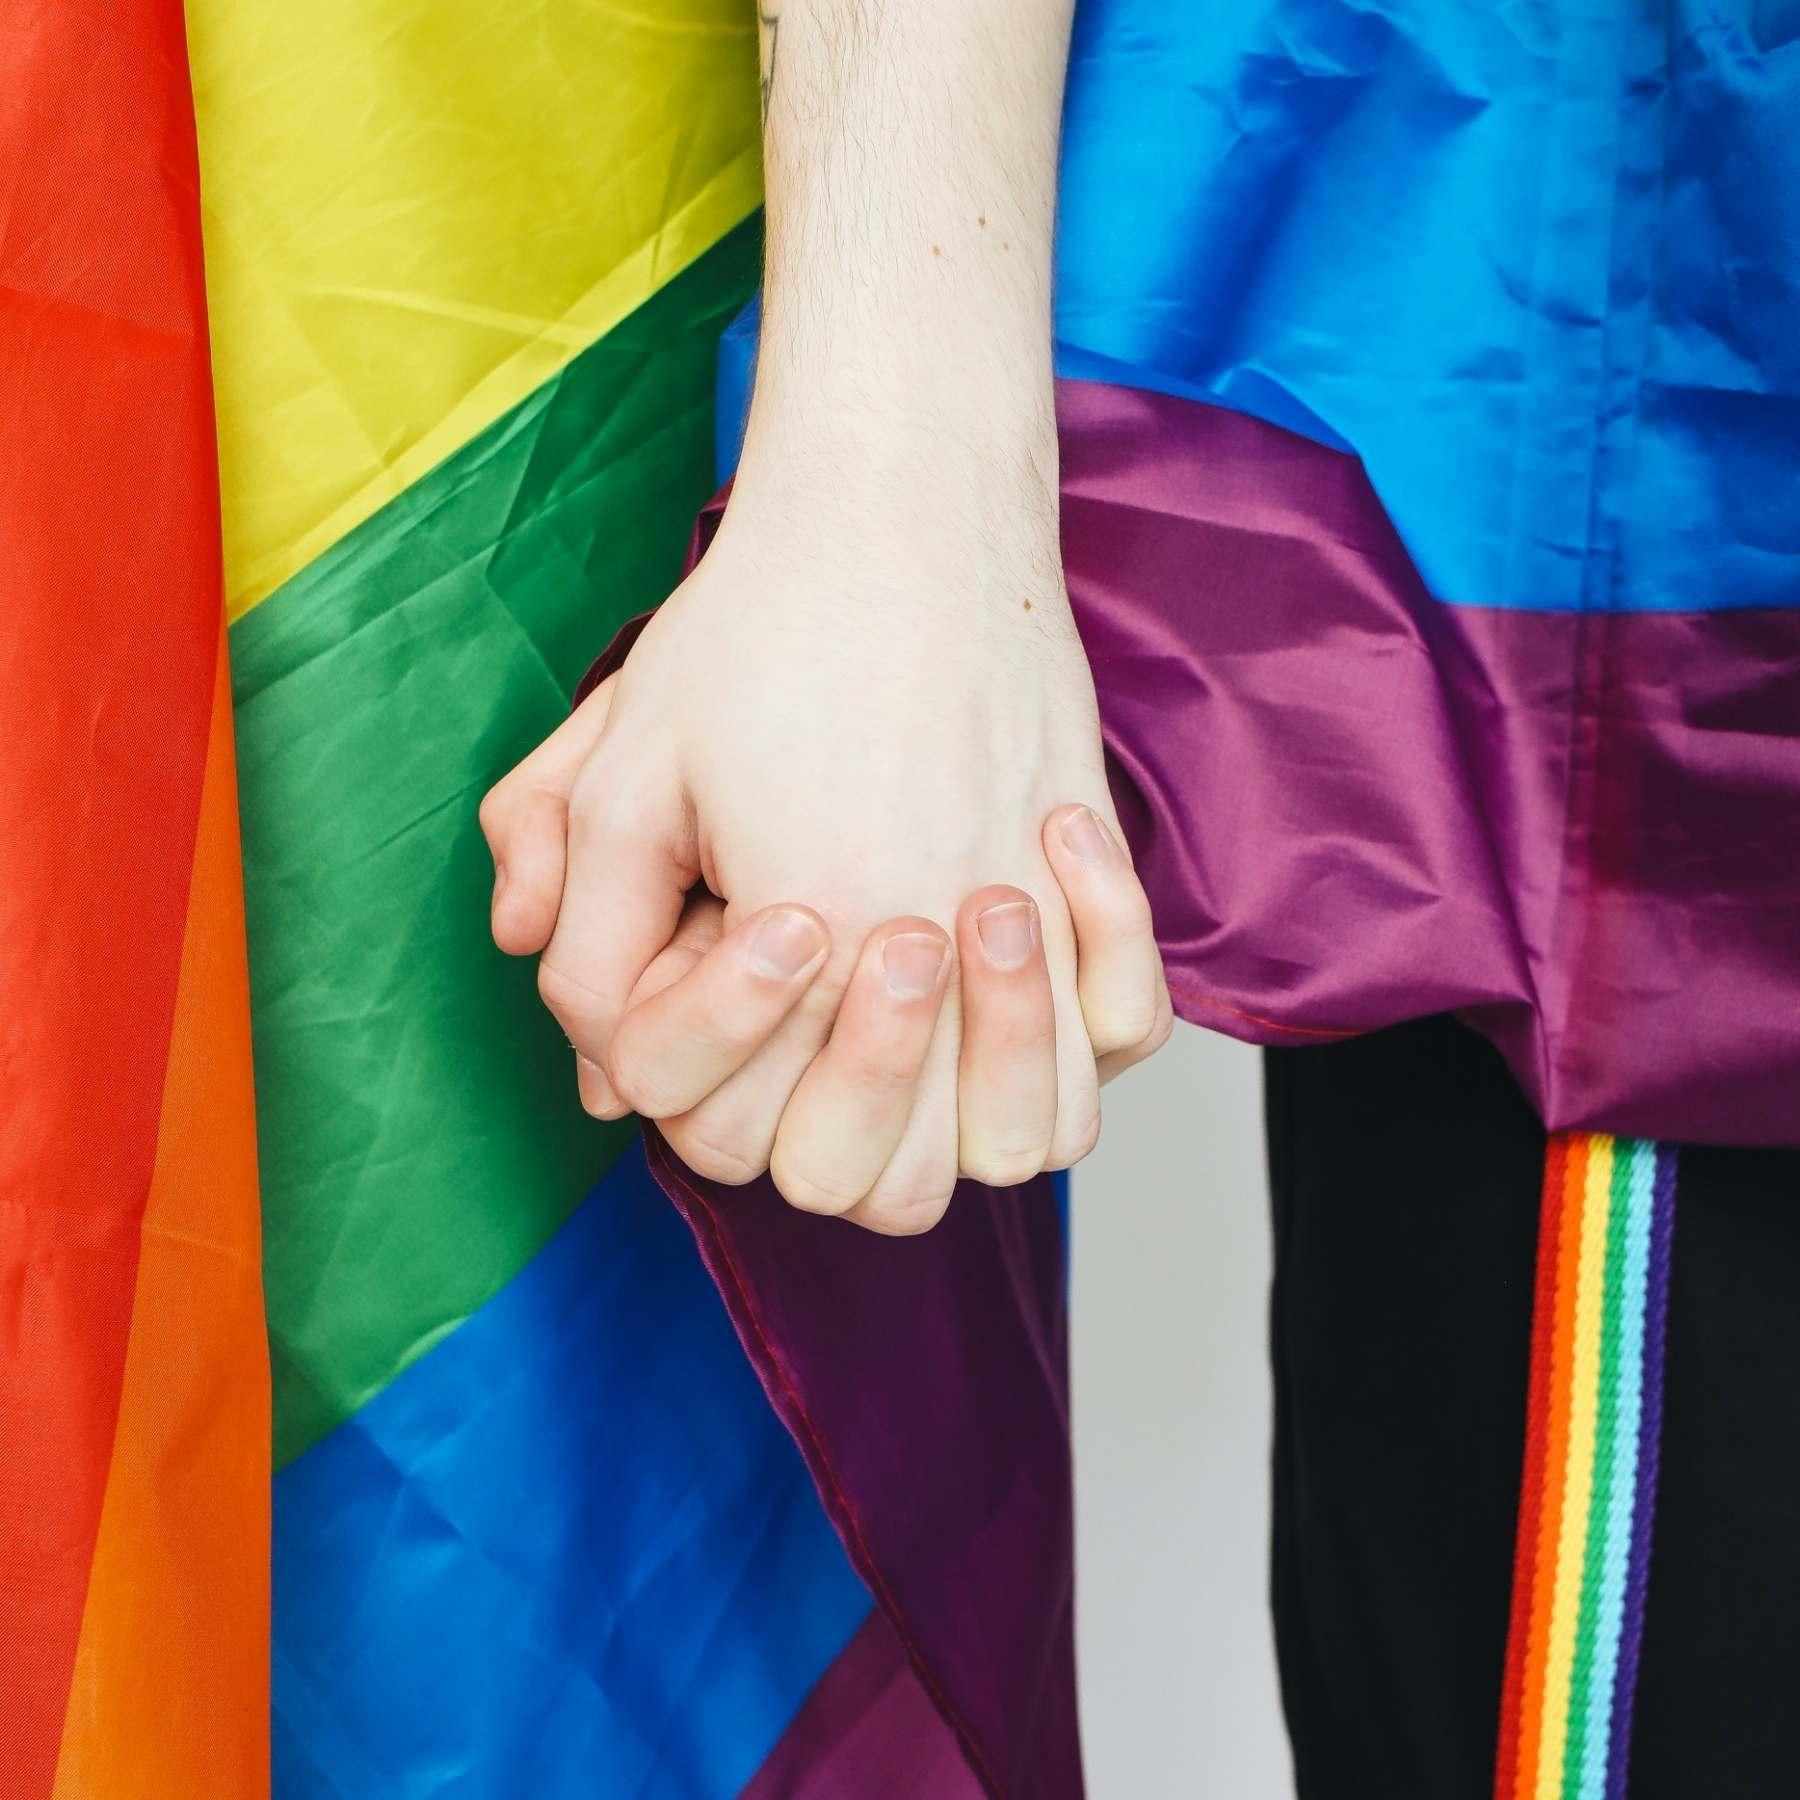 INEGI prepara encuesta nacional sobre diversidad sexual y de género